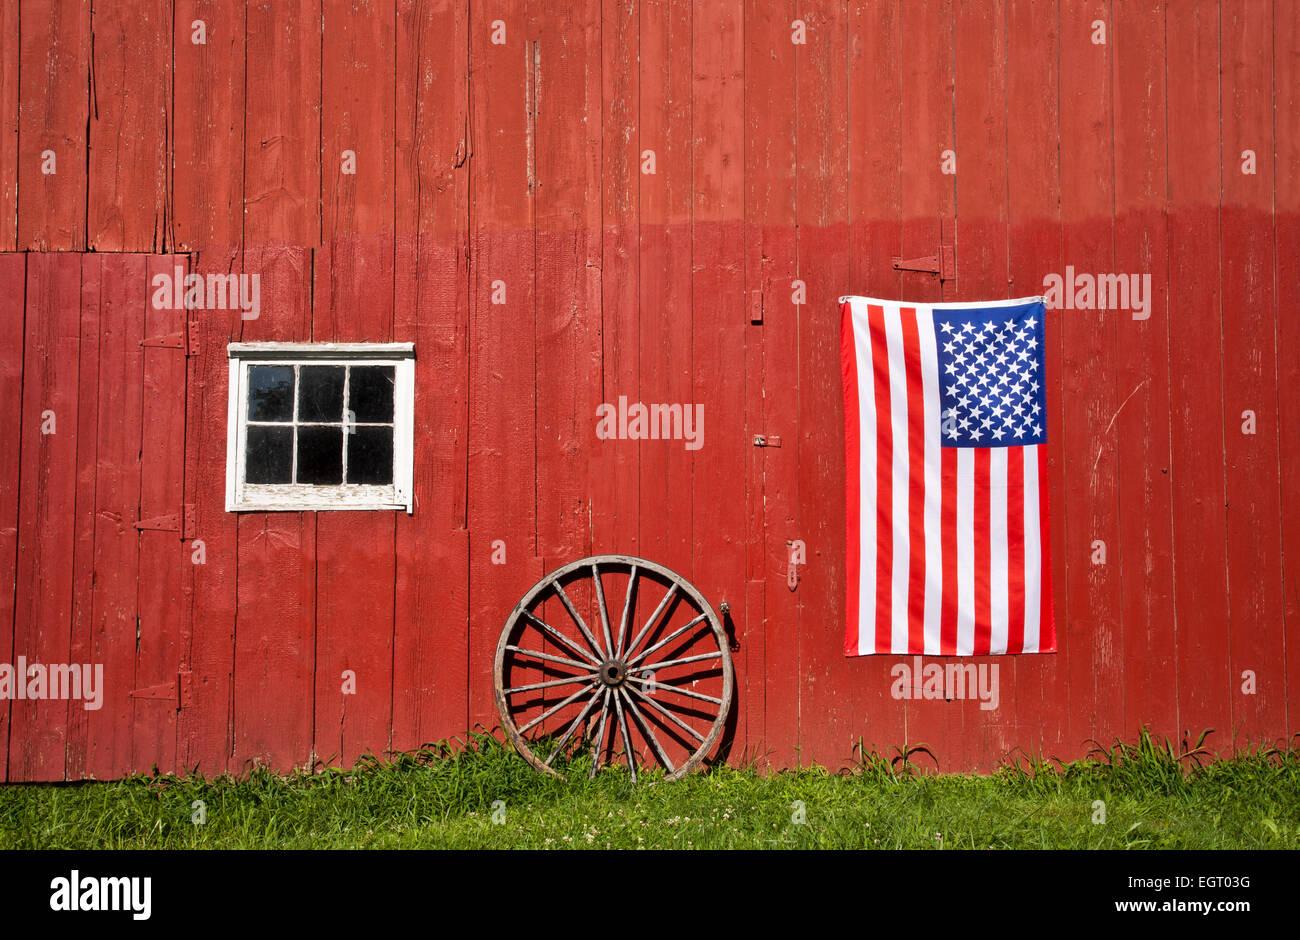 Historische rote Scheune, US-Flagge und ein antikes Wagenrad auf einem Bauernhof, Middlesex County, Monroe Twp., Stockbild